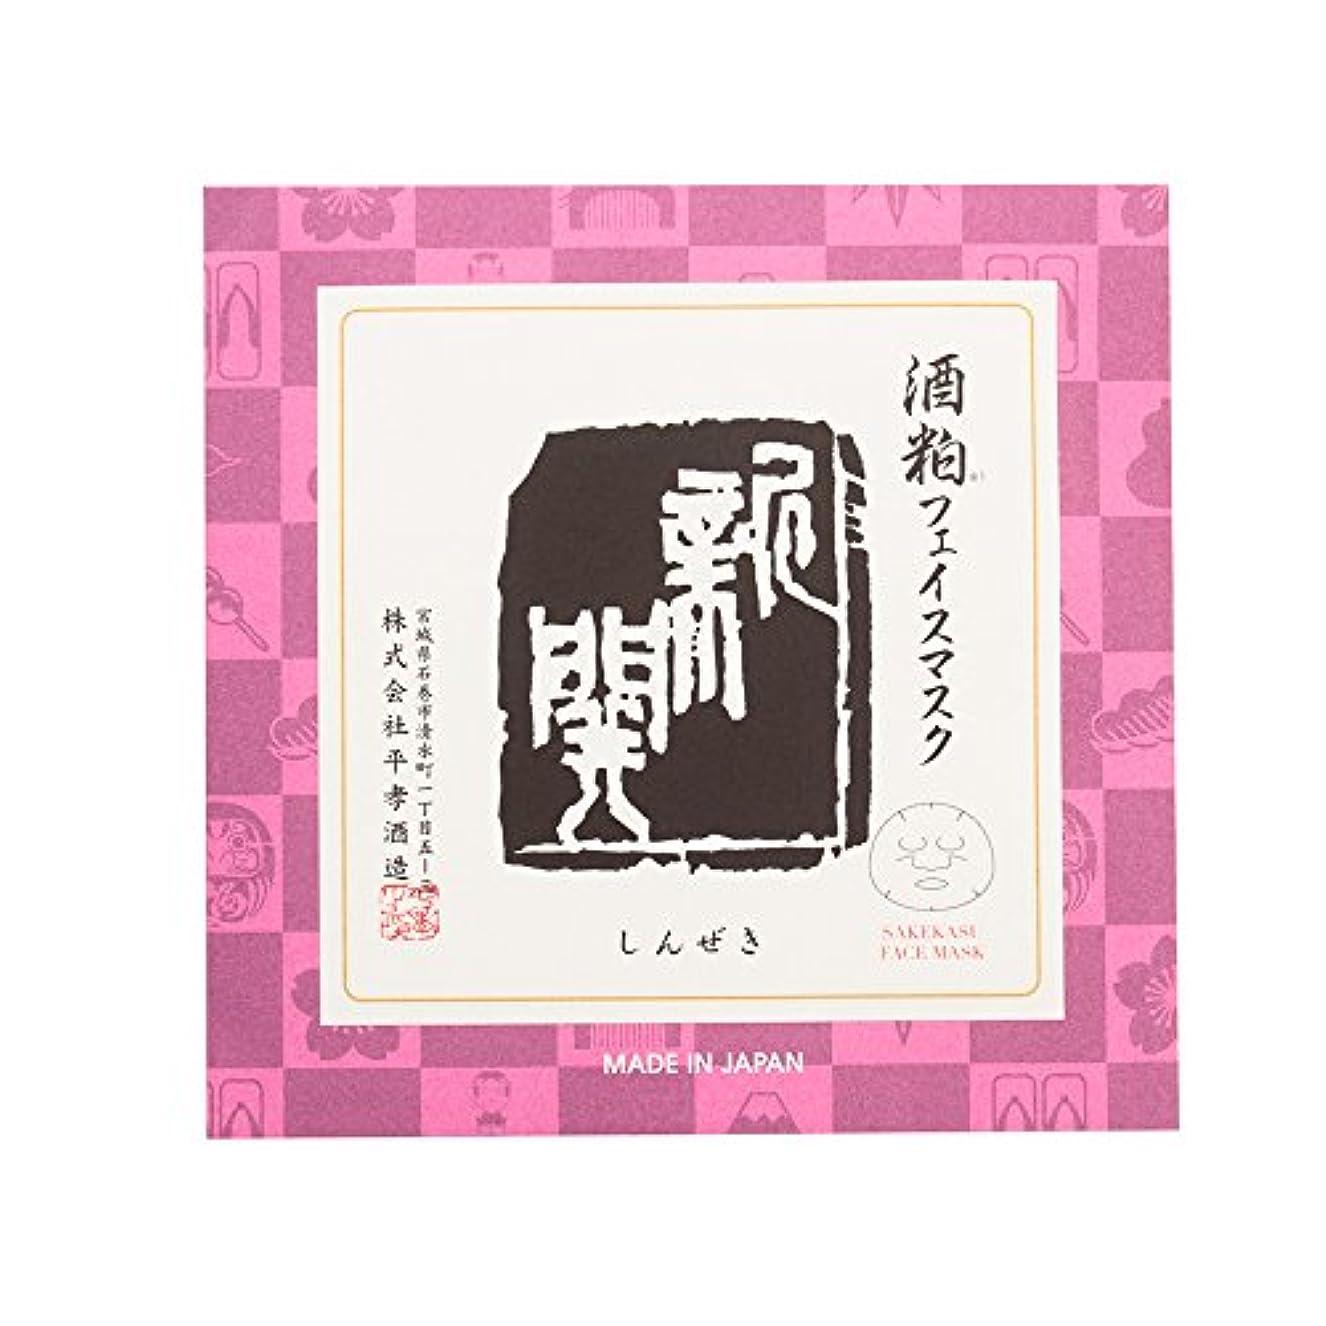 代名詞メッセンジャーペック酒粕フェイスマスク 新関